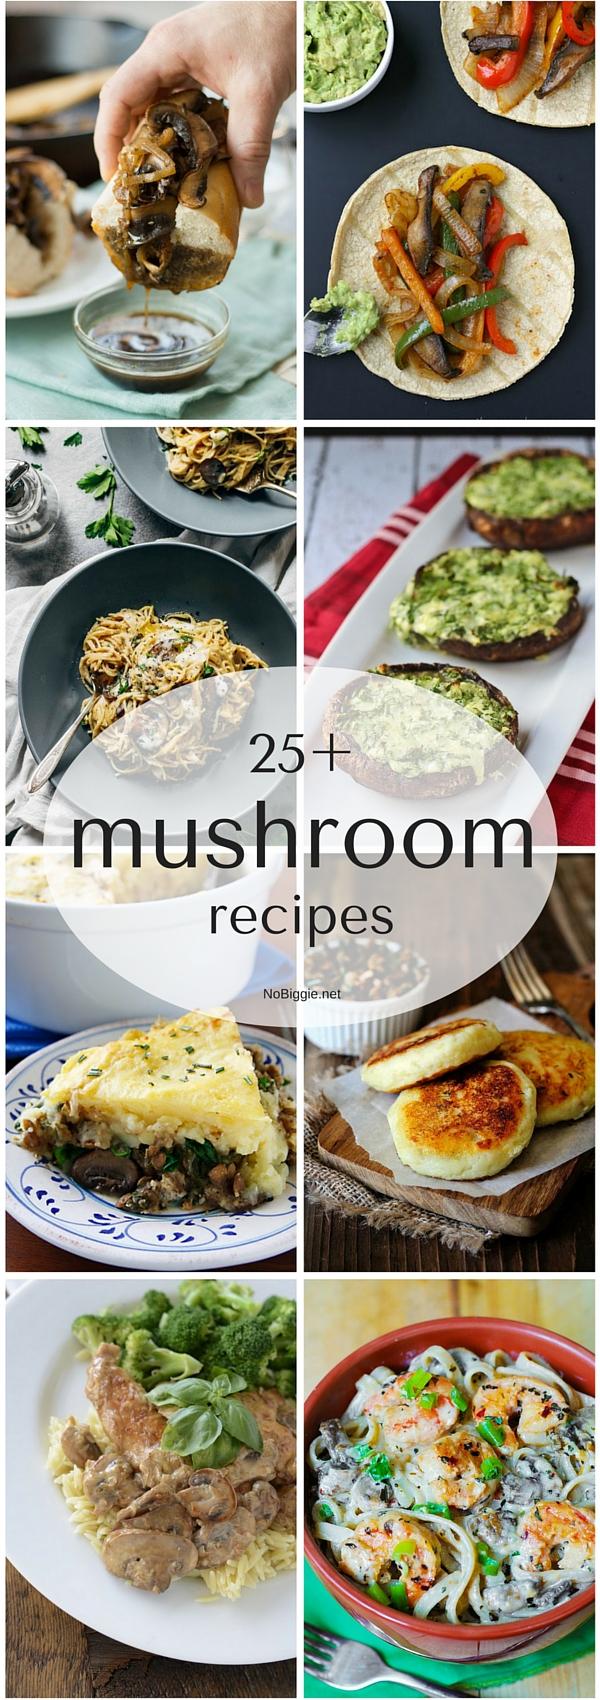 25+ mushroom recipes | NoBiggie.net